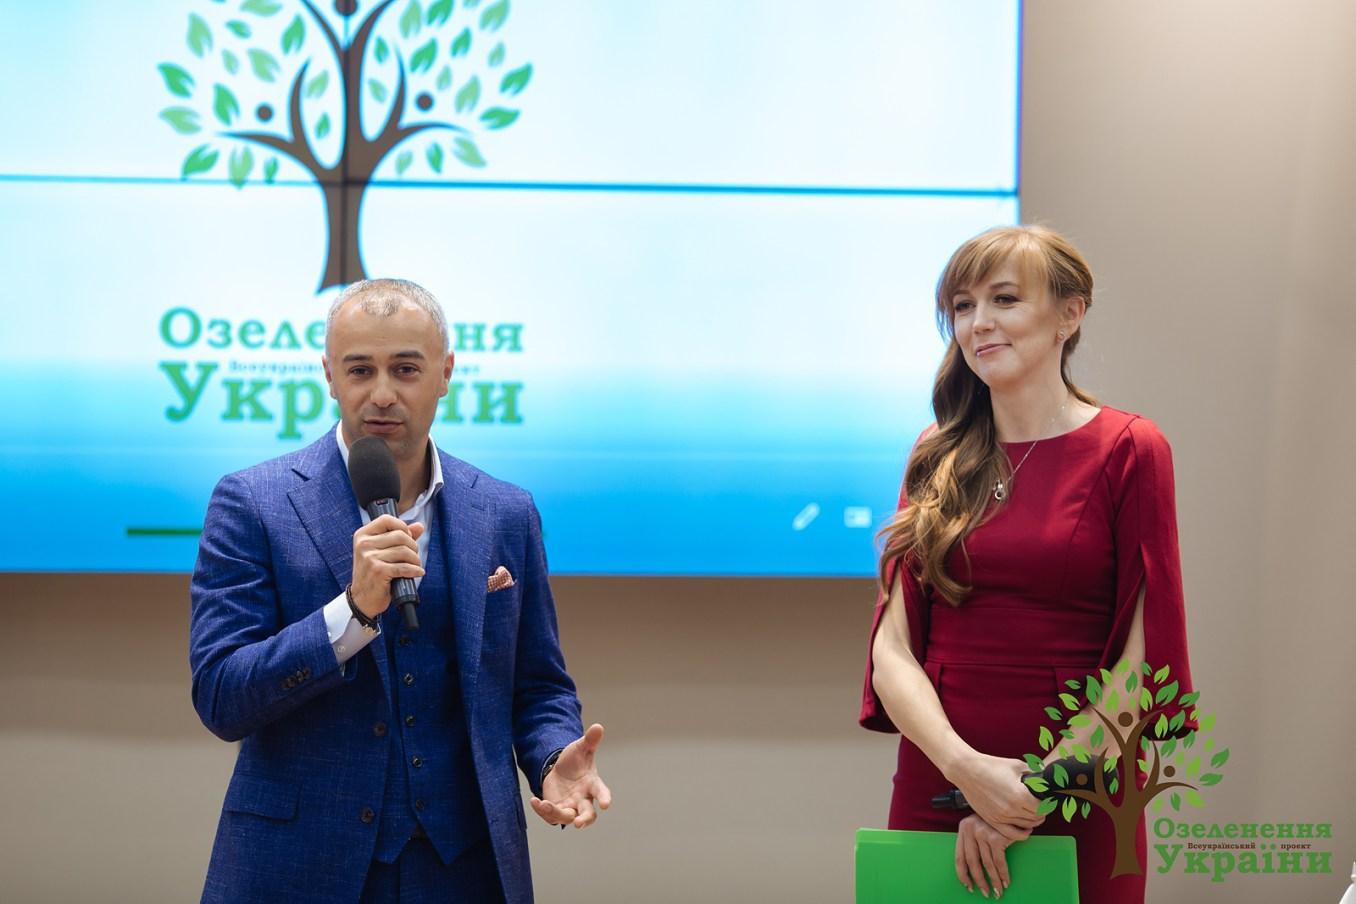 Состоялся гала-вечер по случаю подведения итогов «Озеленения Украины»